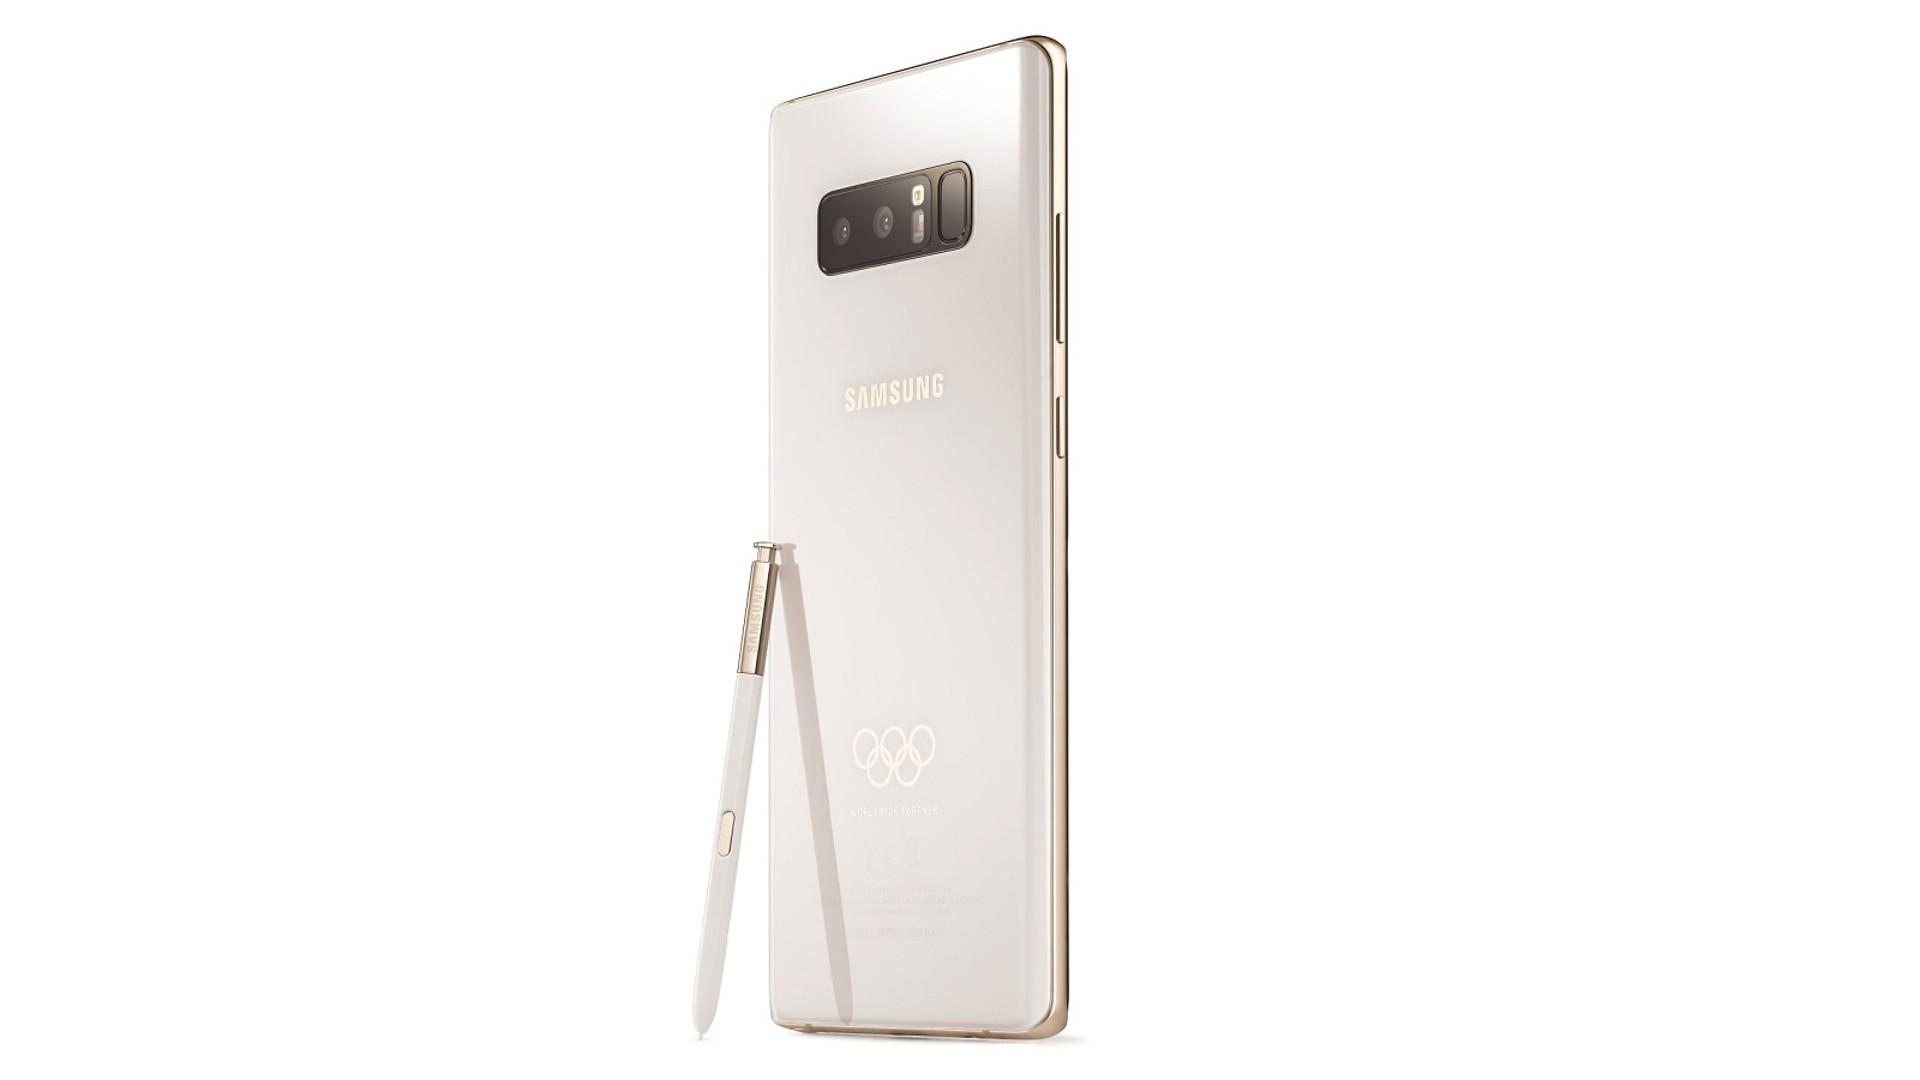 Samsung выпустит ограниченное издание Galaxy Note 8 Winter Olympics edition